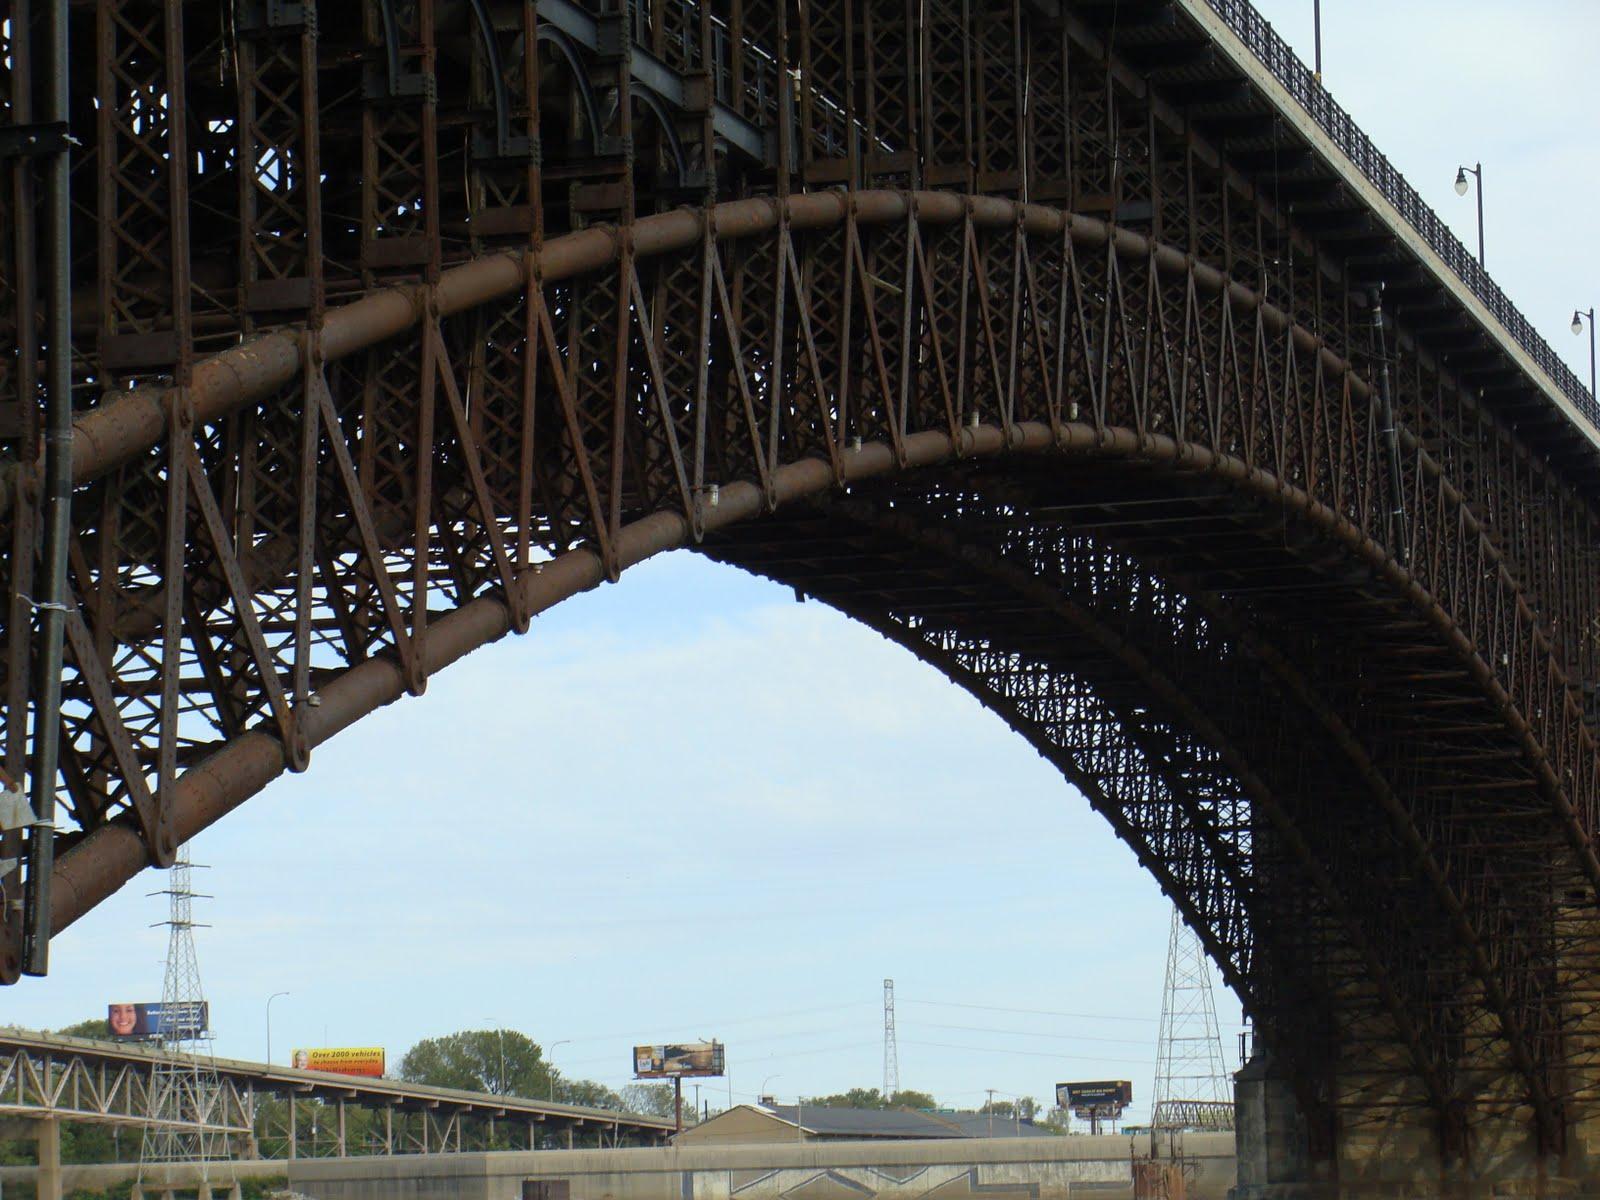 The Eads Bridge St Louis Patina